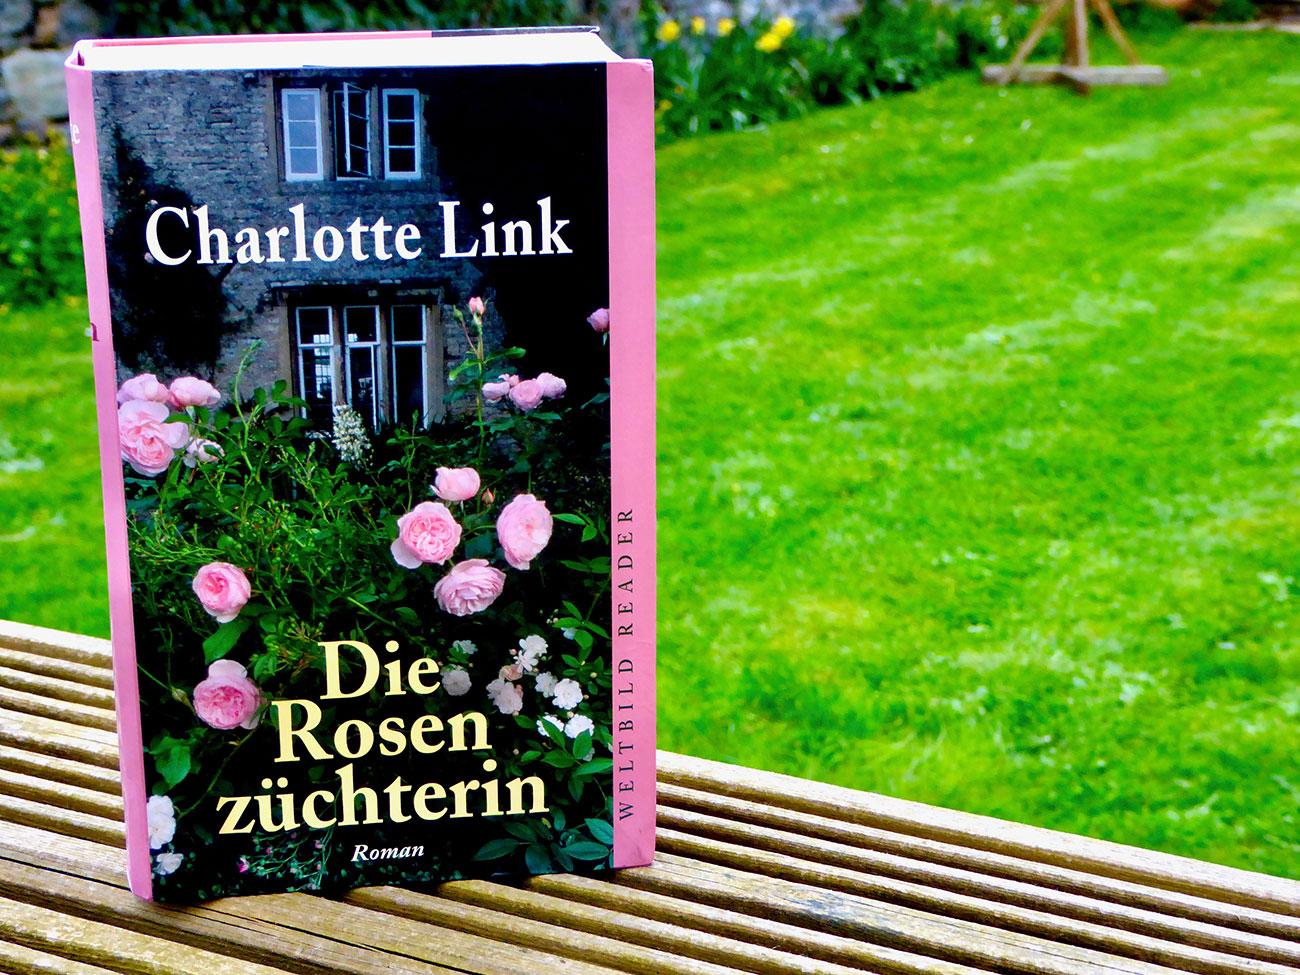 'Die Rosenzüchterin' - a romantic thriller by Charlotte Link, set in Guernsey